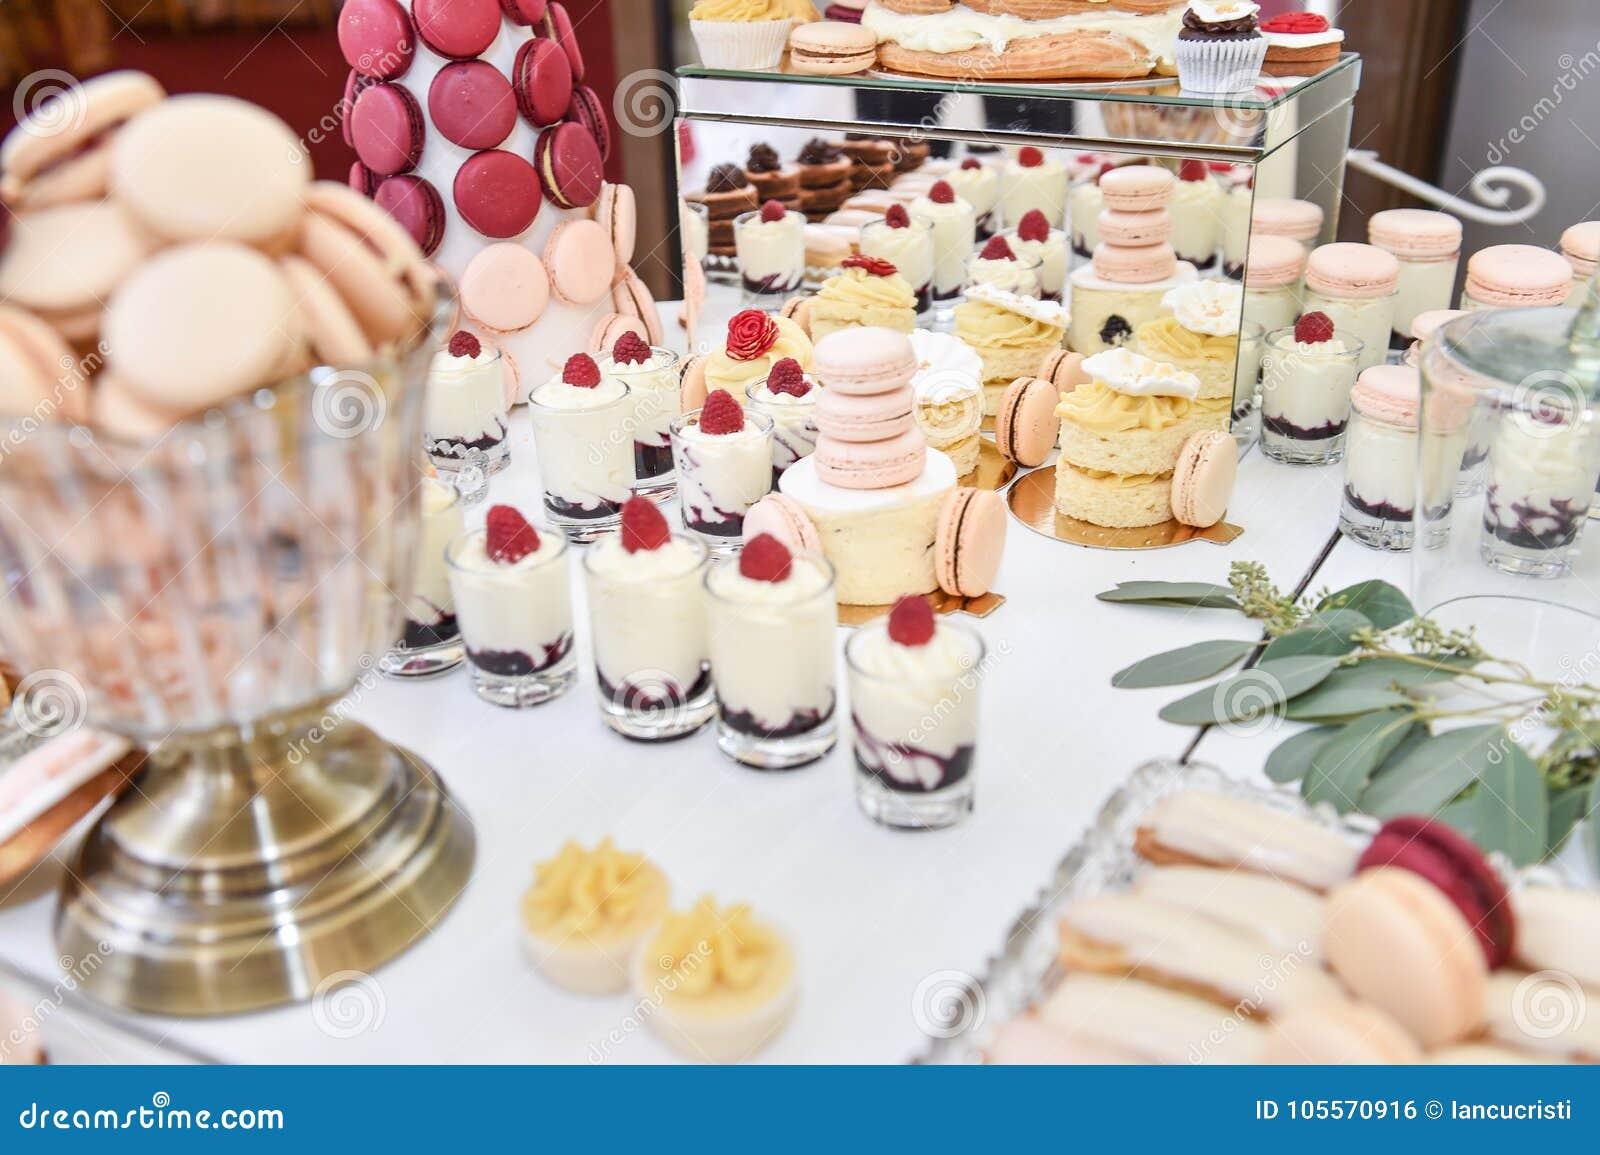 luxuriose kleine kuche, hochzeitsdekoration mit pastell färbte kleine kuchen, meringen, Design ideen